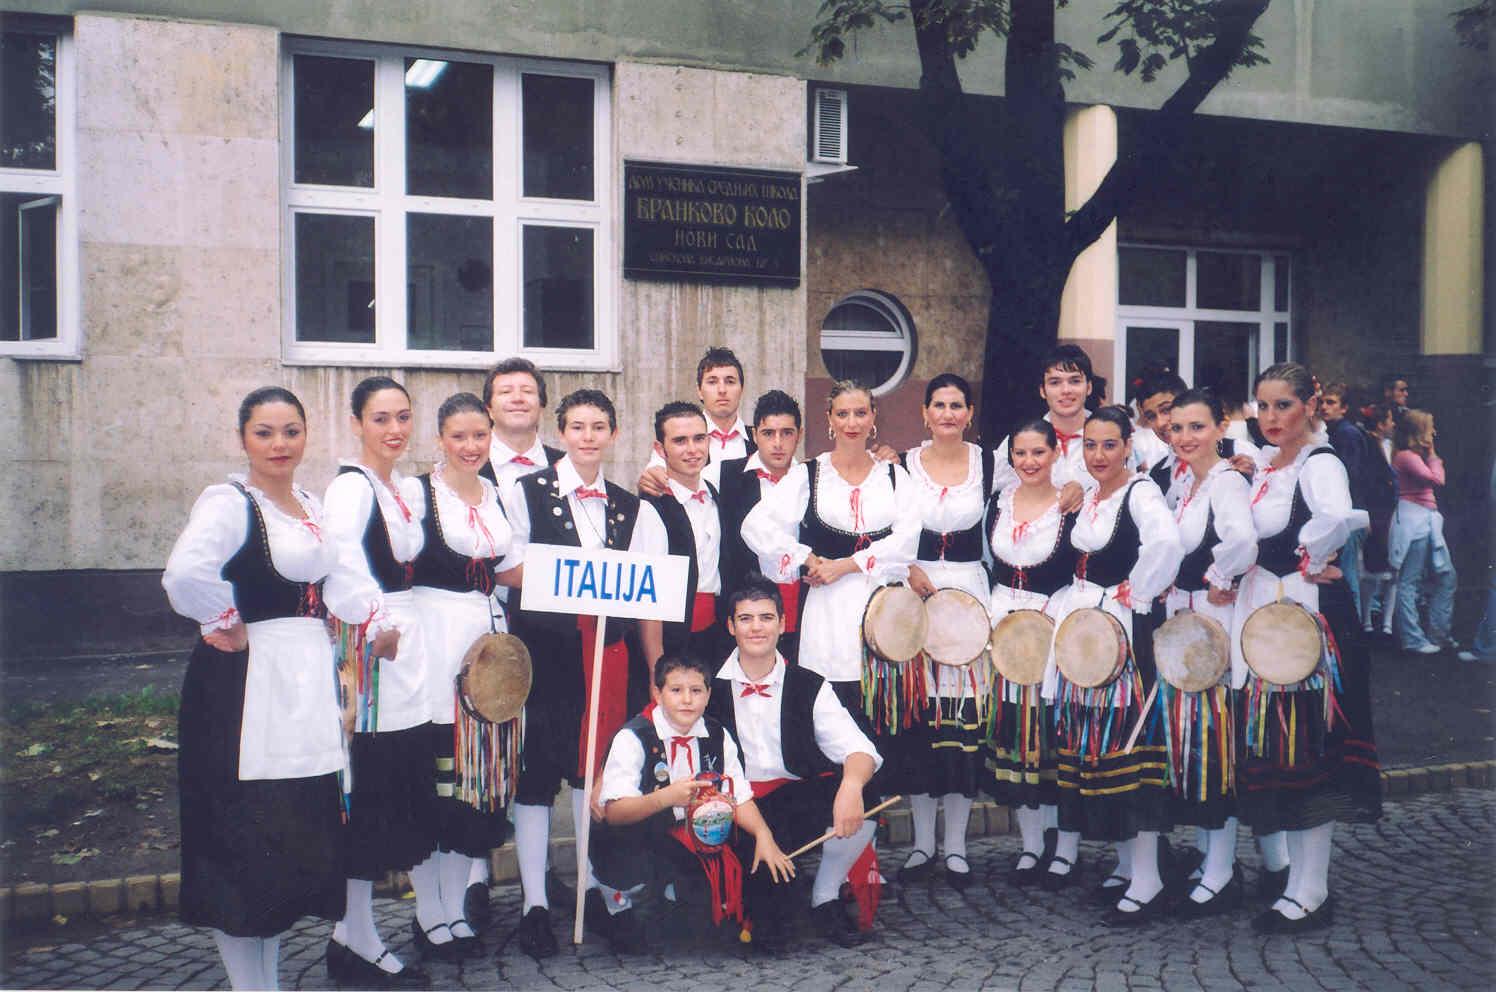 Serbia_2004_foto_n.1.jpg